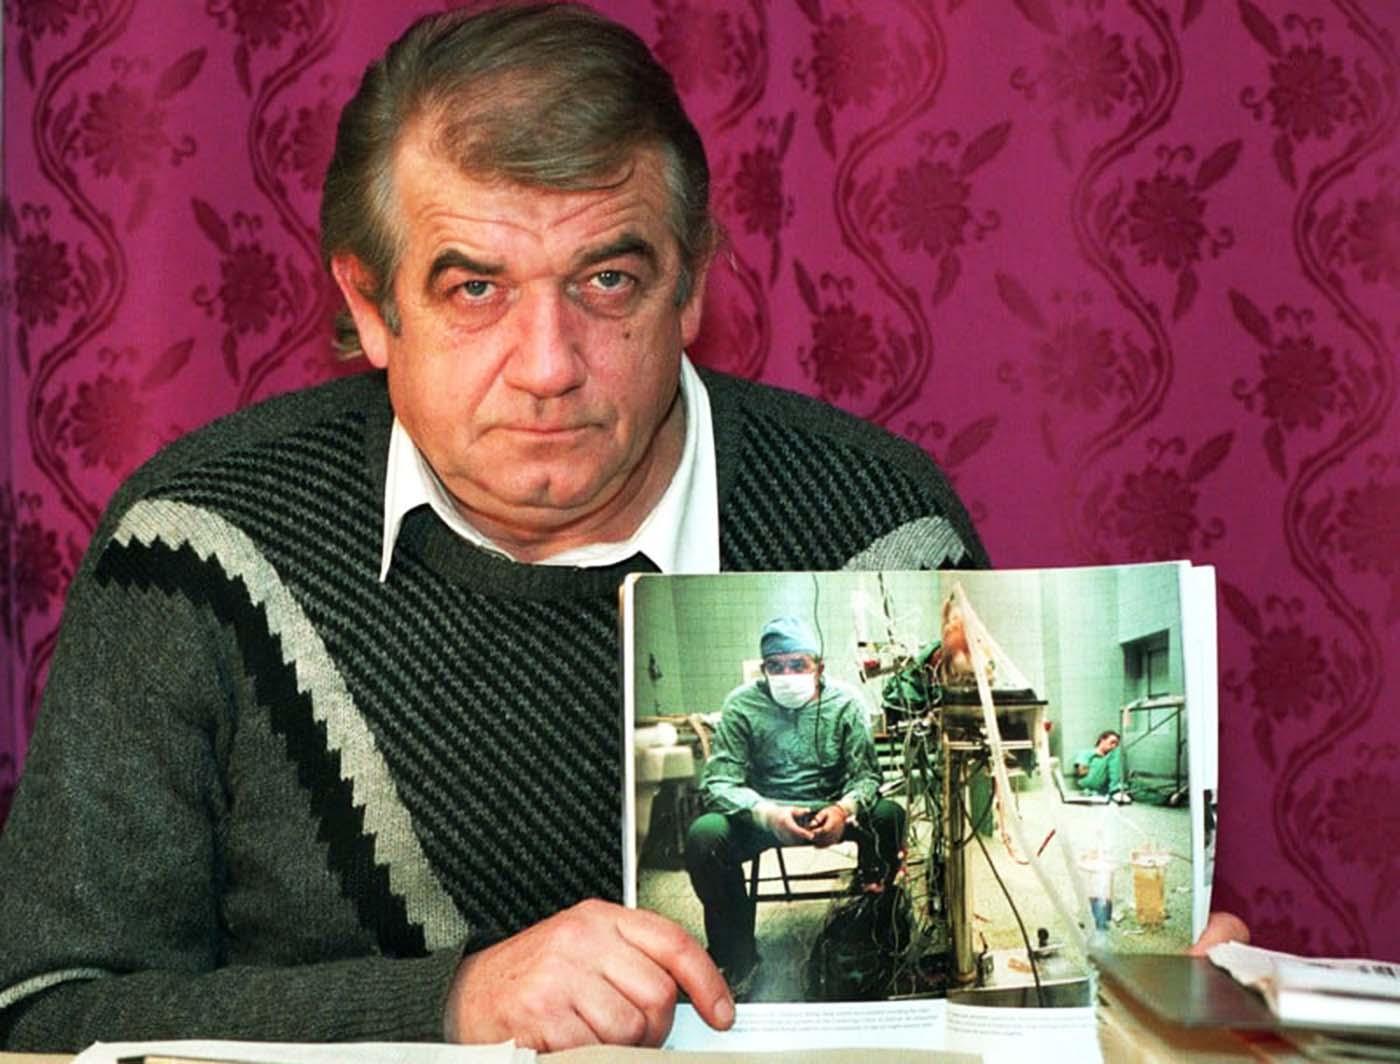 1992: Д-р Релига Сбигниев държи знаменитата снимка.